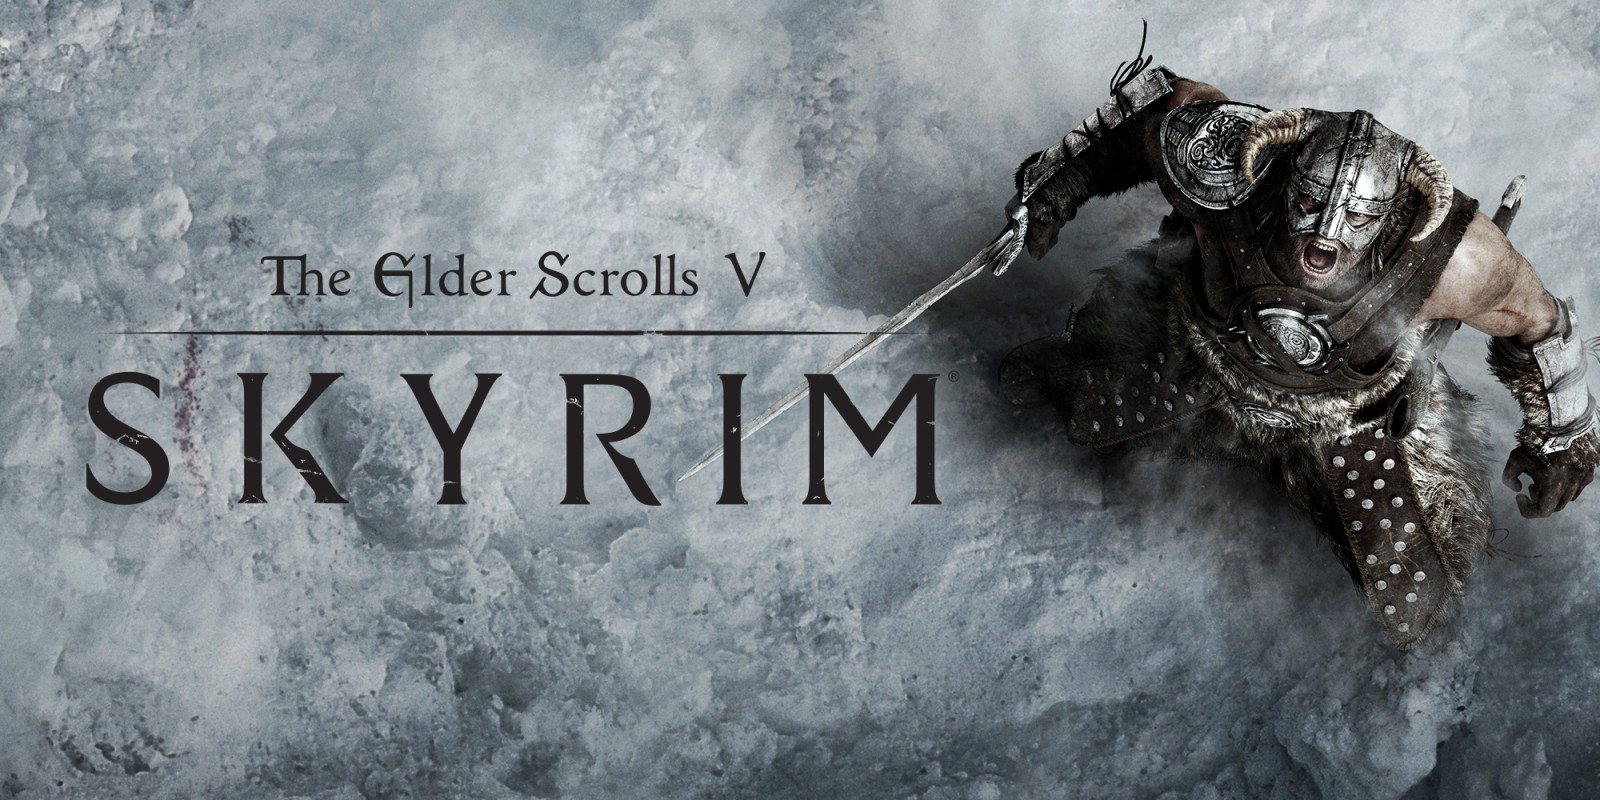 Чит-коды Skyrim на ПК – деньги, уровень, невидимость, предметы, читы на Скайрим